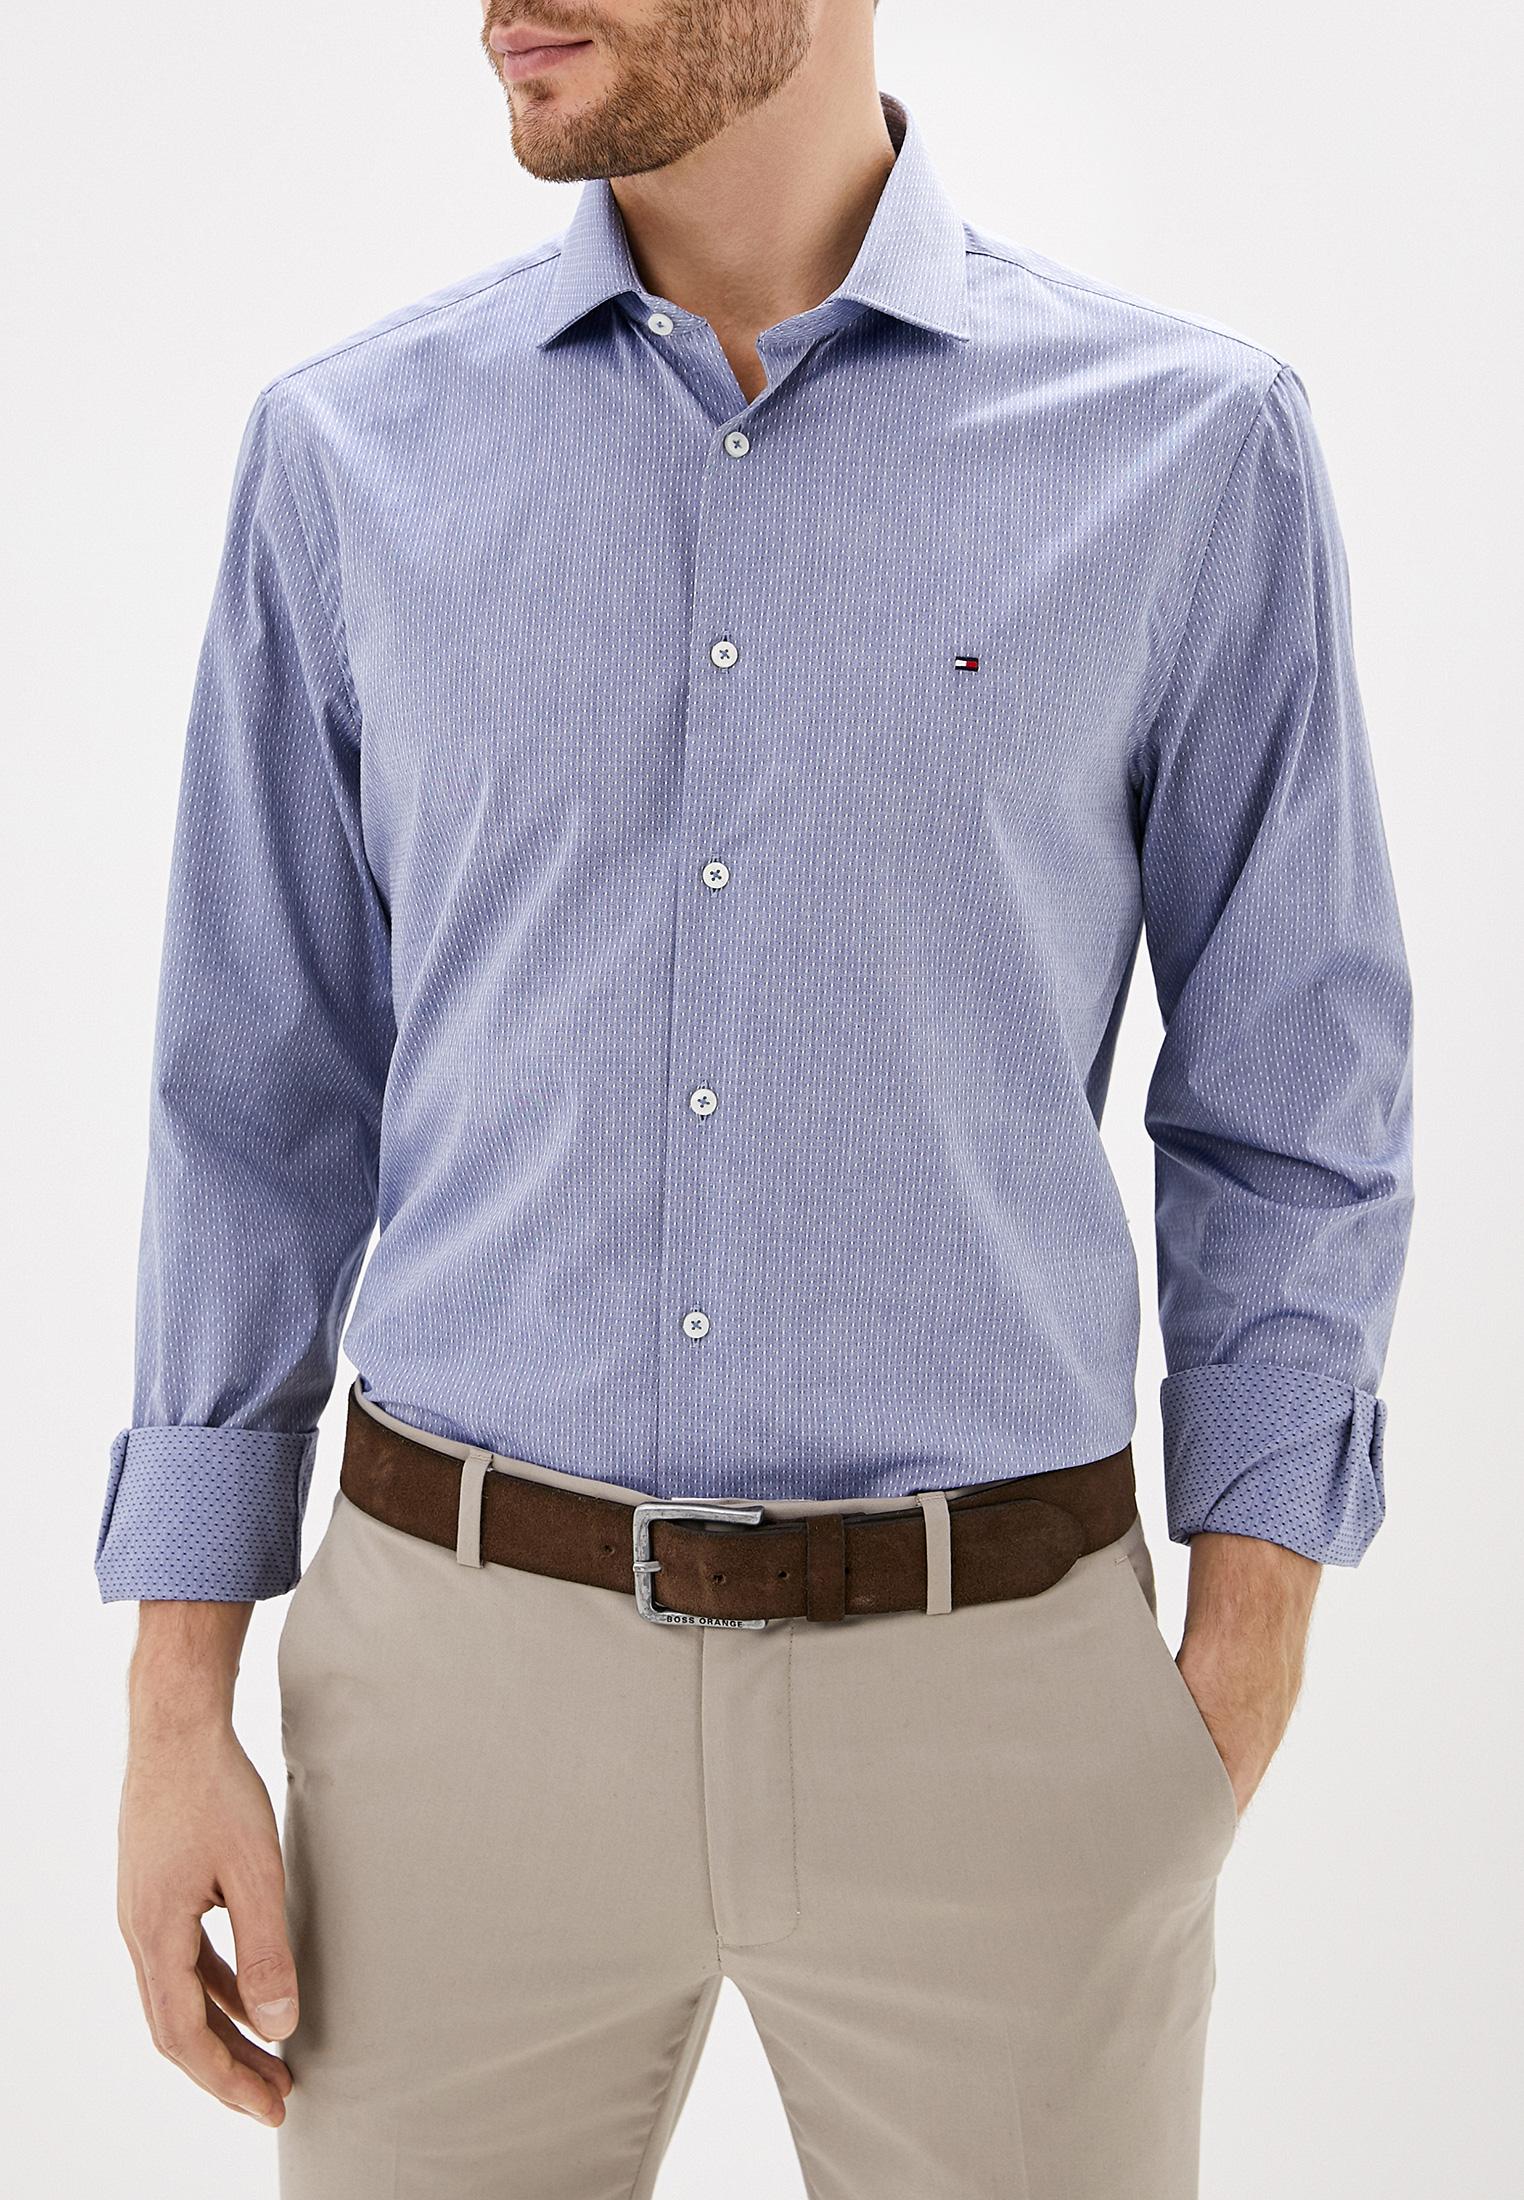 Рубашка с длинным рукавом Tommy Hilfiger (Томми Хилфигер) TT0TT06510